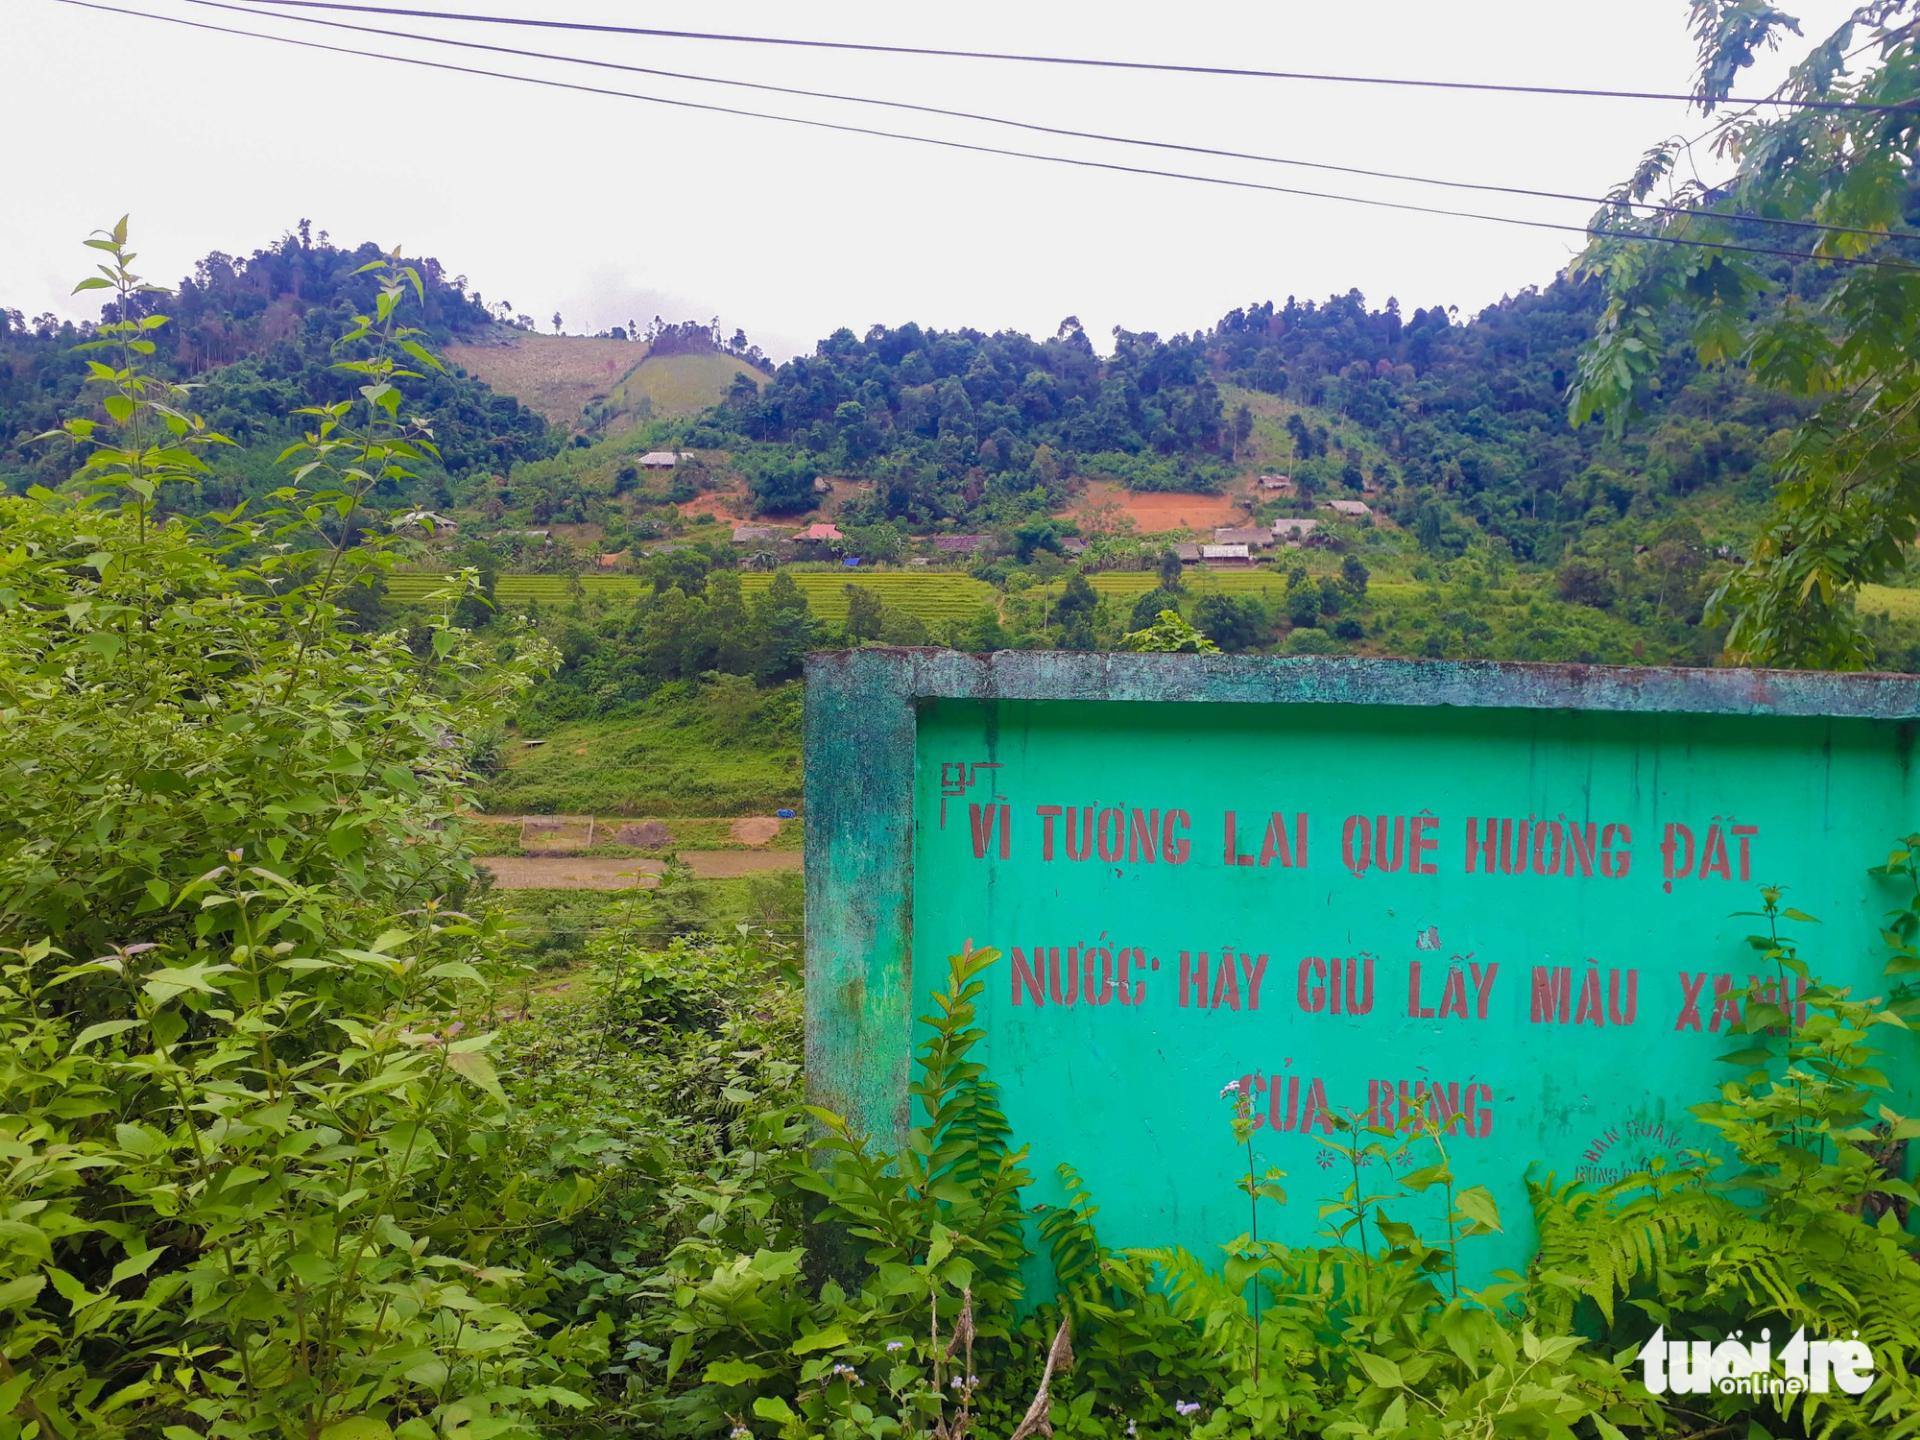 Tan nát rừng đầu nguồn: Cận cảnh rừng phòng hộ bị phá - Ảnh 10.